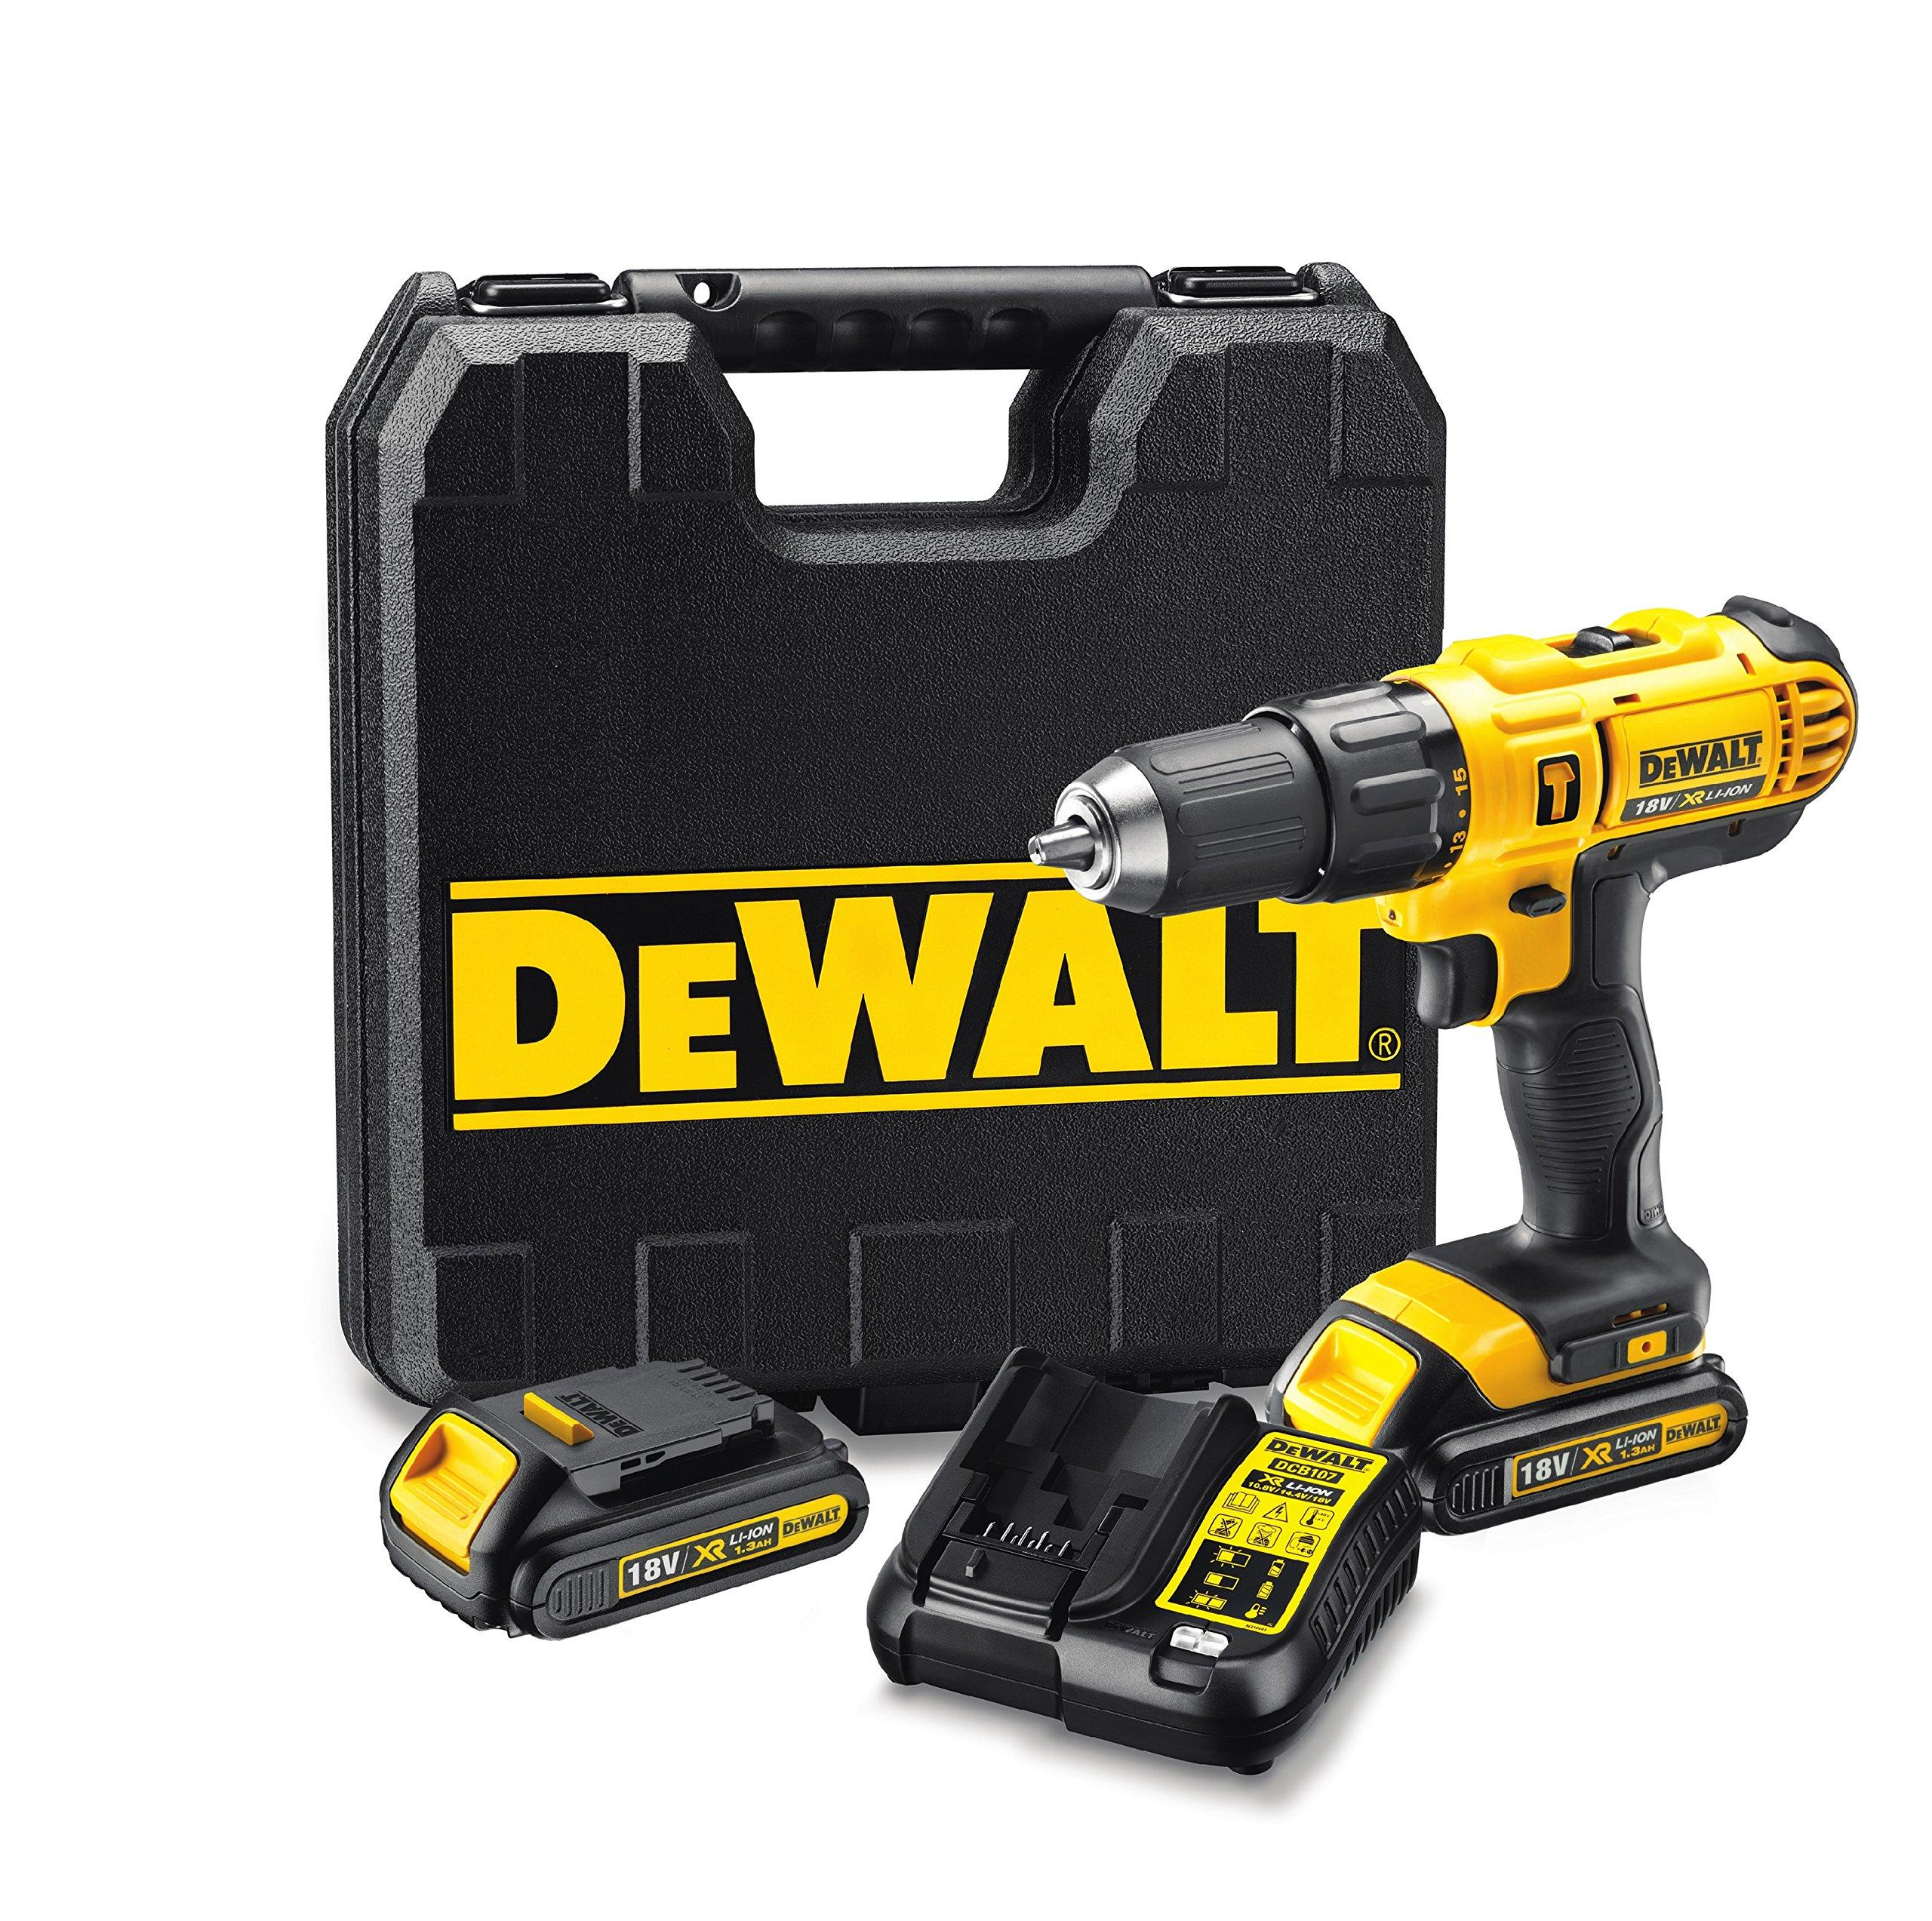 DeWalt DCD776C2-QW Perceuse-visseuse à percussion 18V - Compacte et ergonomique - Idéale endroits exigus - Mandrin : 13 mm - 2 batteries 18V Lithium-ion 1,3 Ah - Couple max : 42 Nm - Capacité de perçage Bois/Métal 25/13 mm - Interrupteur intelligent - Coffret inclus product image